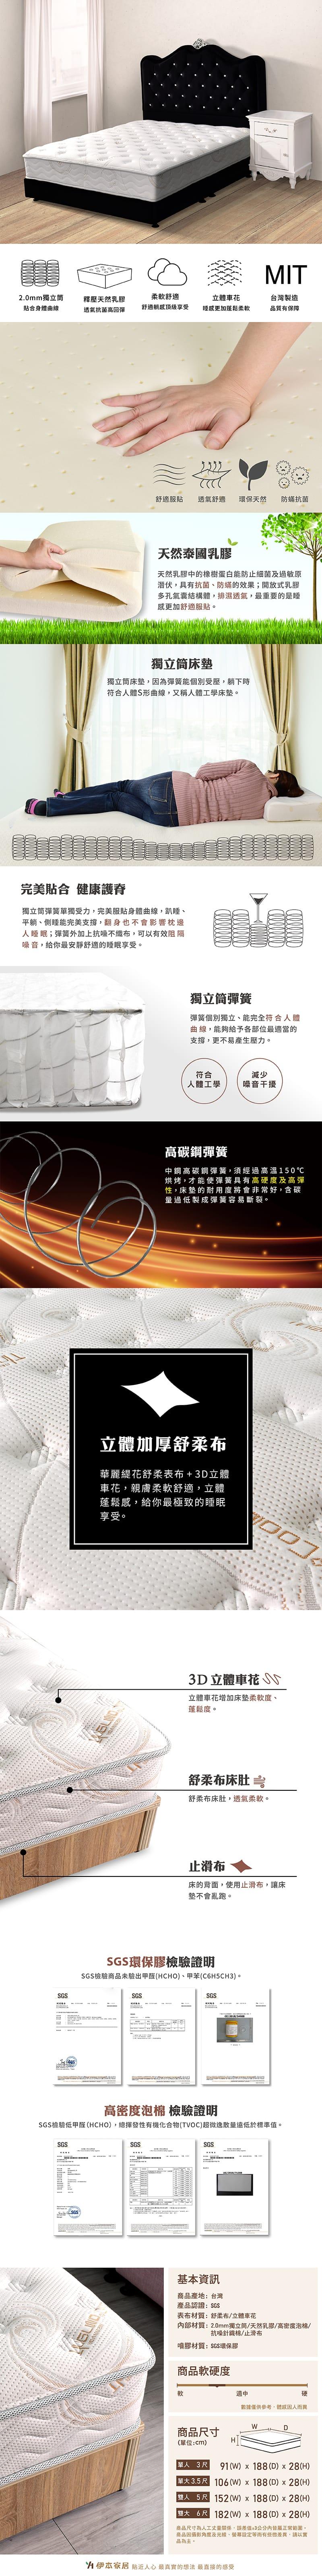 乳膠軟式獨立筒床墊 單人加大3.5(鑽石系列)